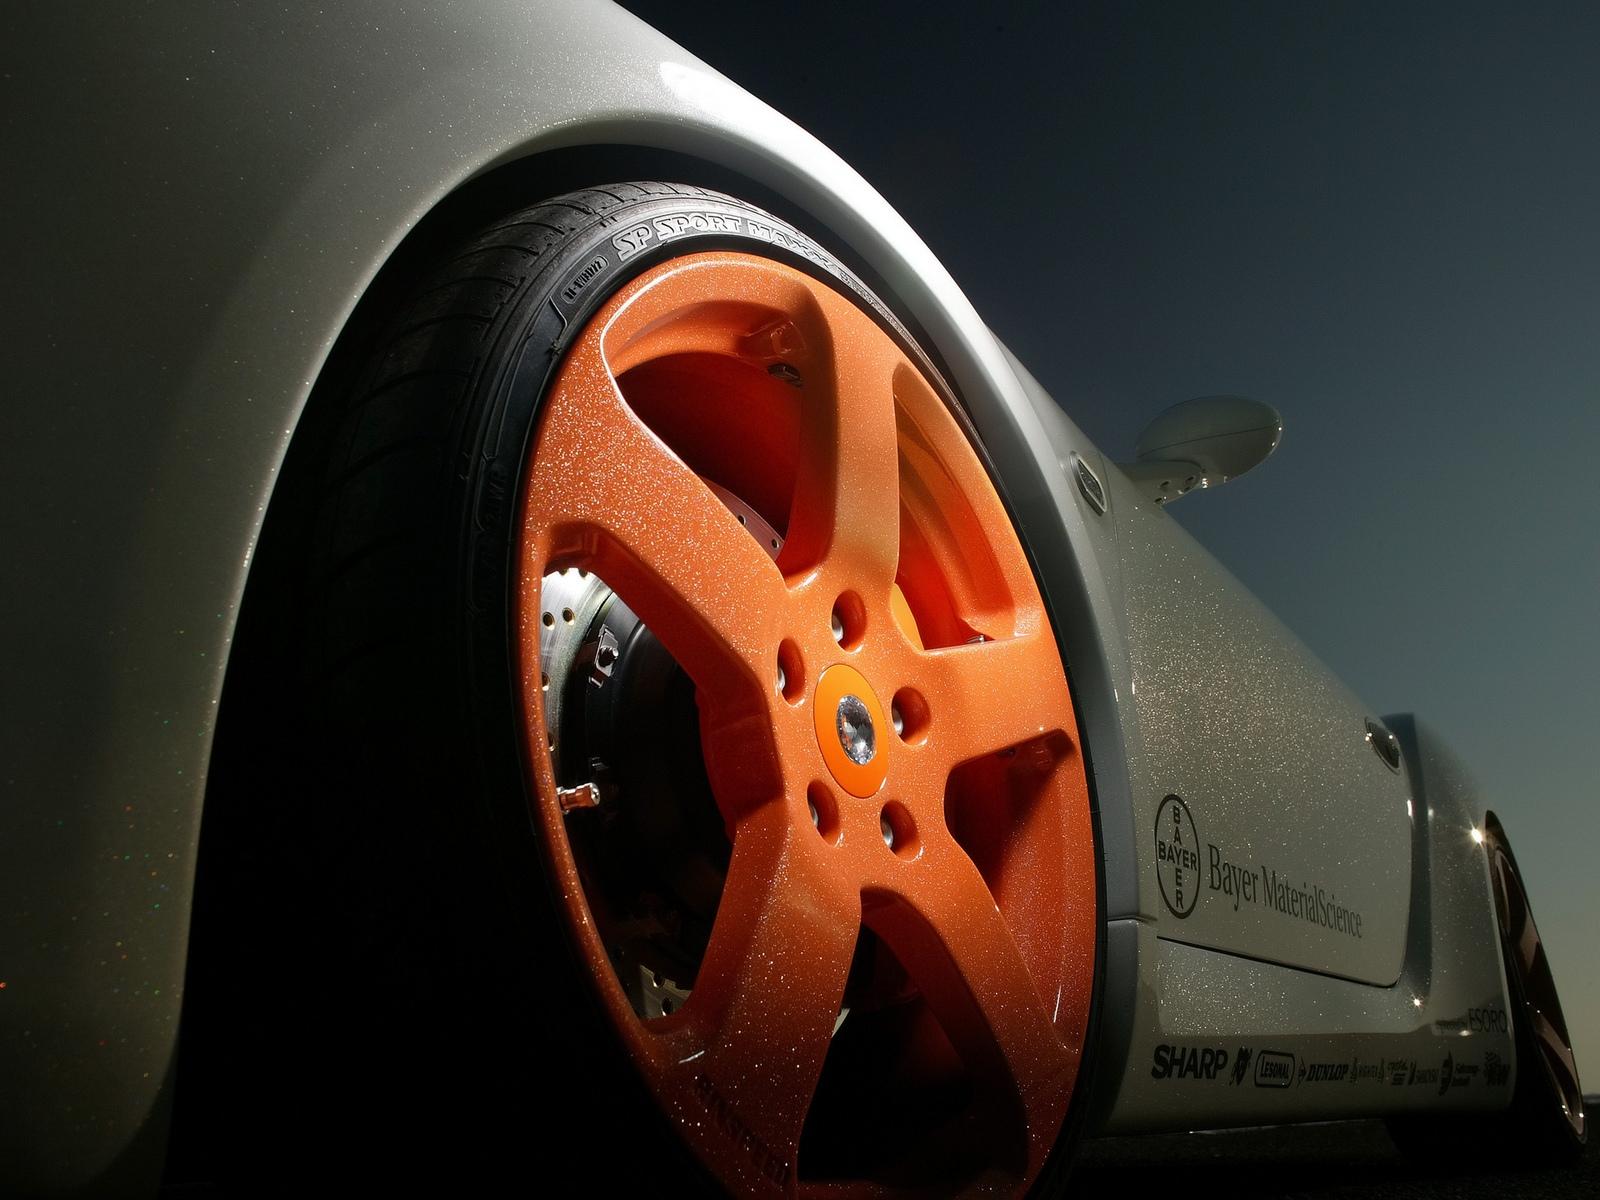 http://1.bp.blogspot.com/_tqd4zSItt3I/TGDuAW4B2wI/AAAAAAAAAn0/BhETj0UcM3M/s1600/cars_0055.jpg